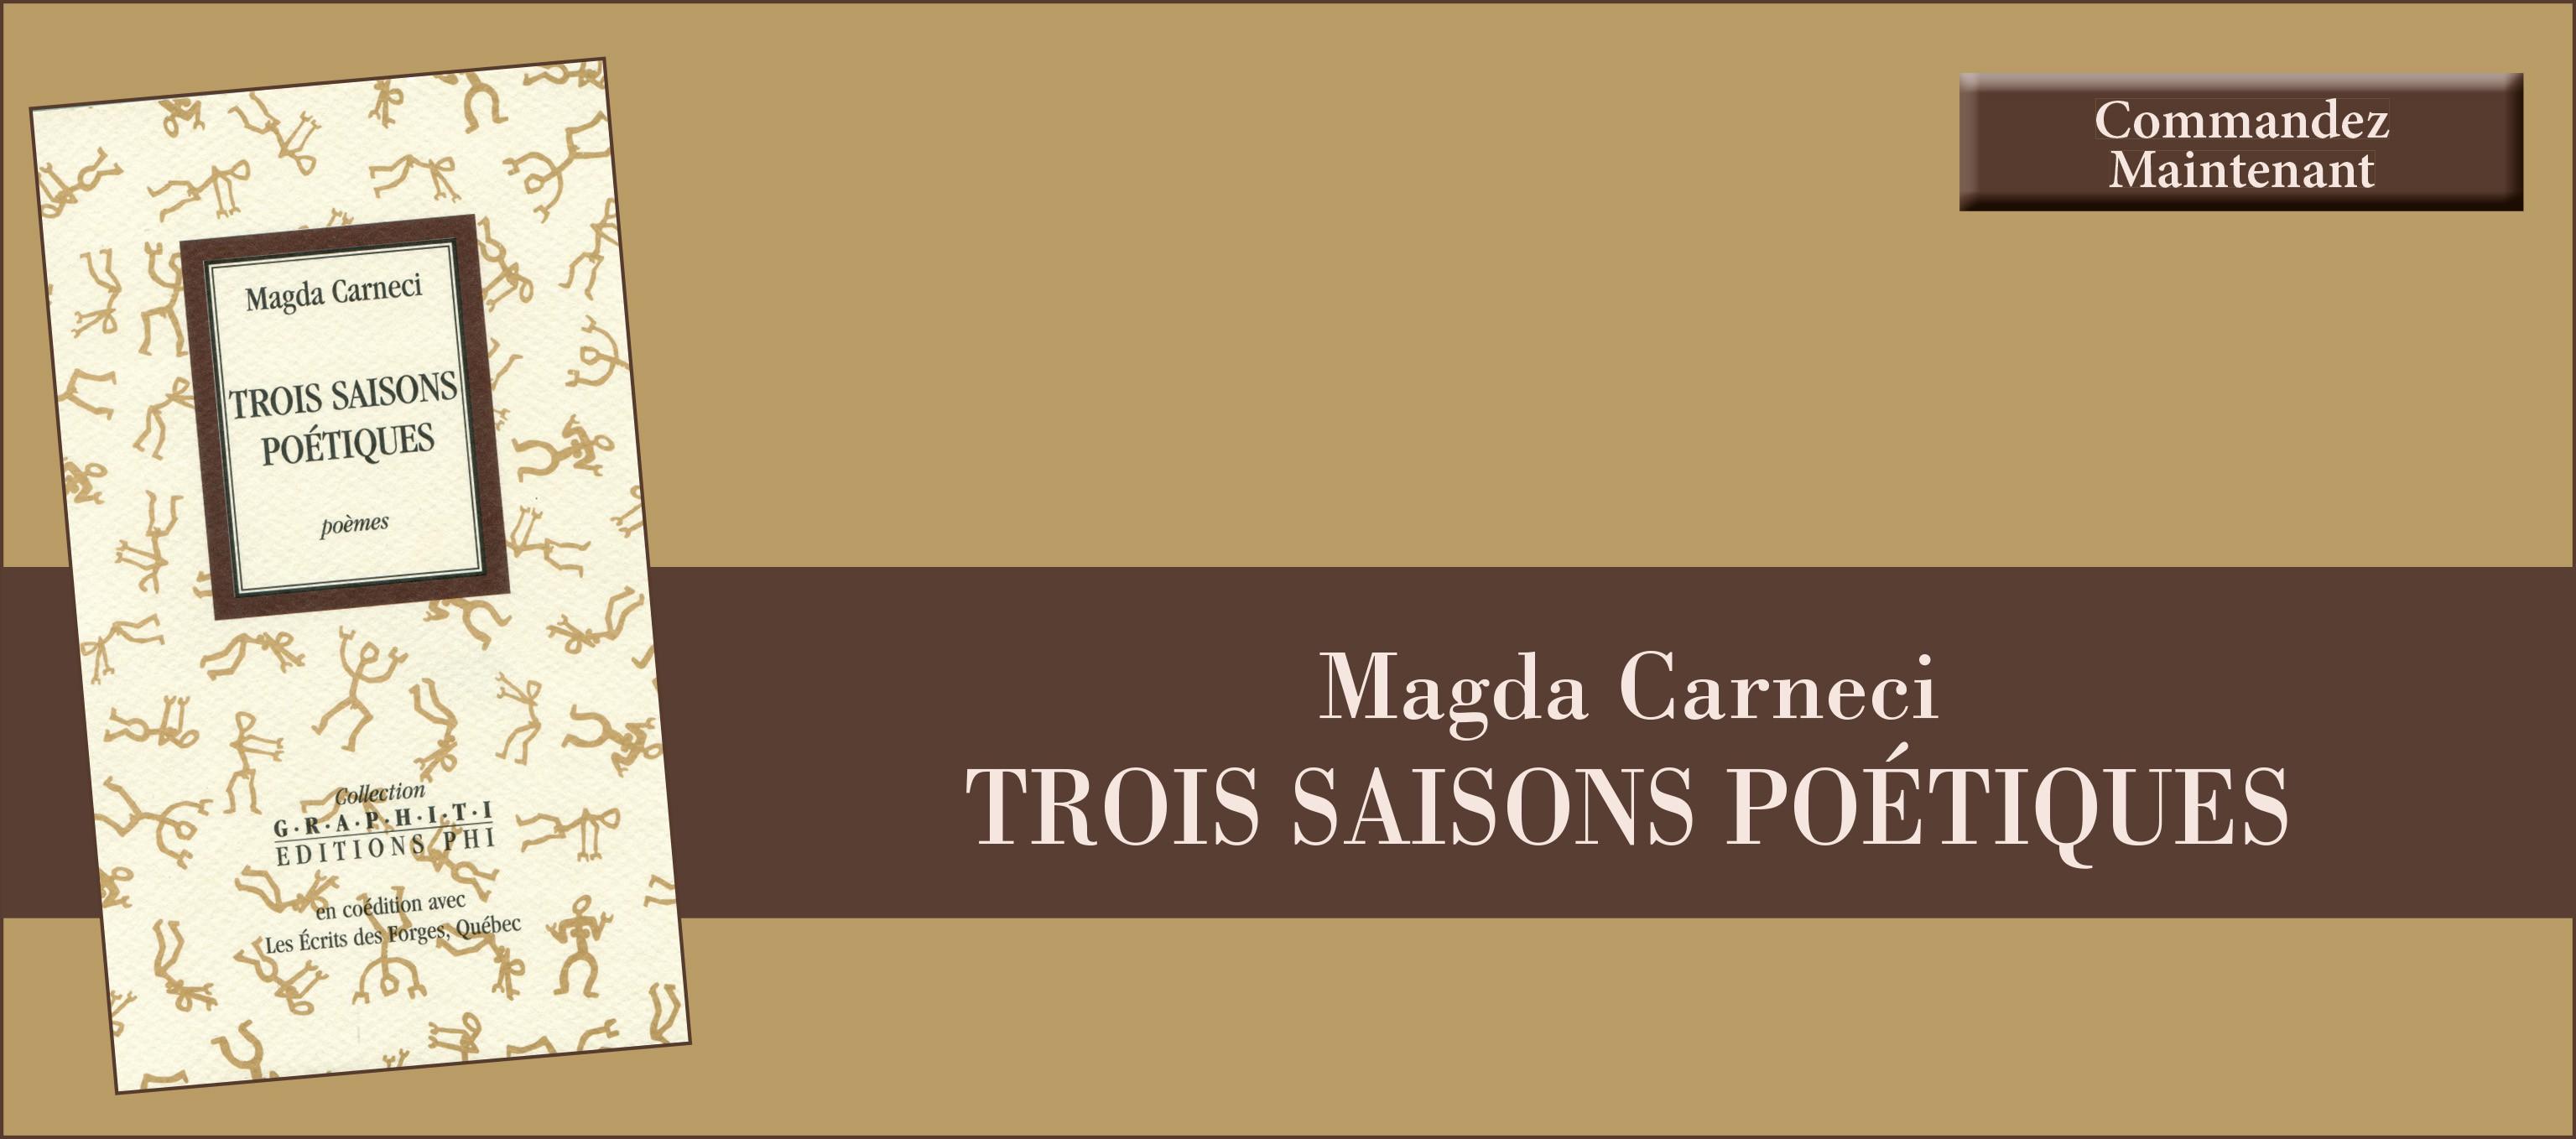 Magda Carneci - Trois saisons poétiques